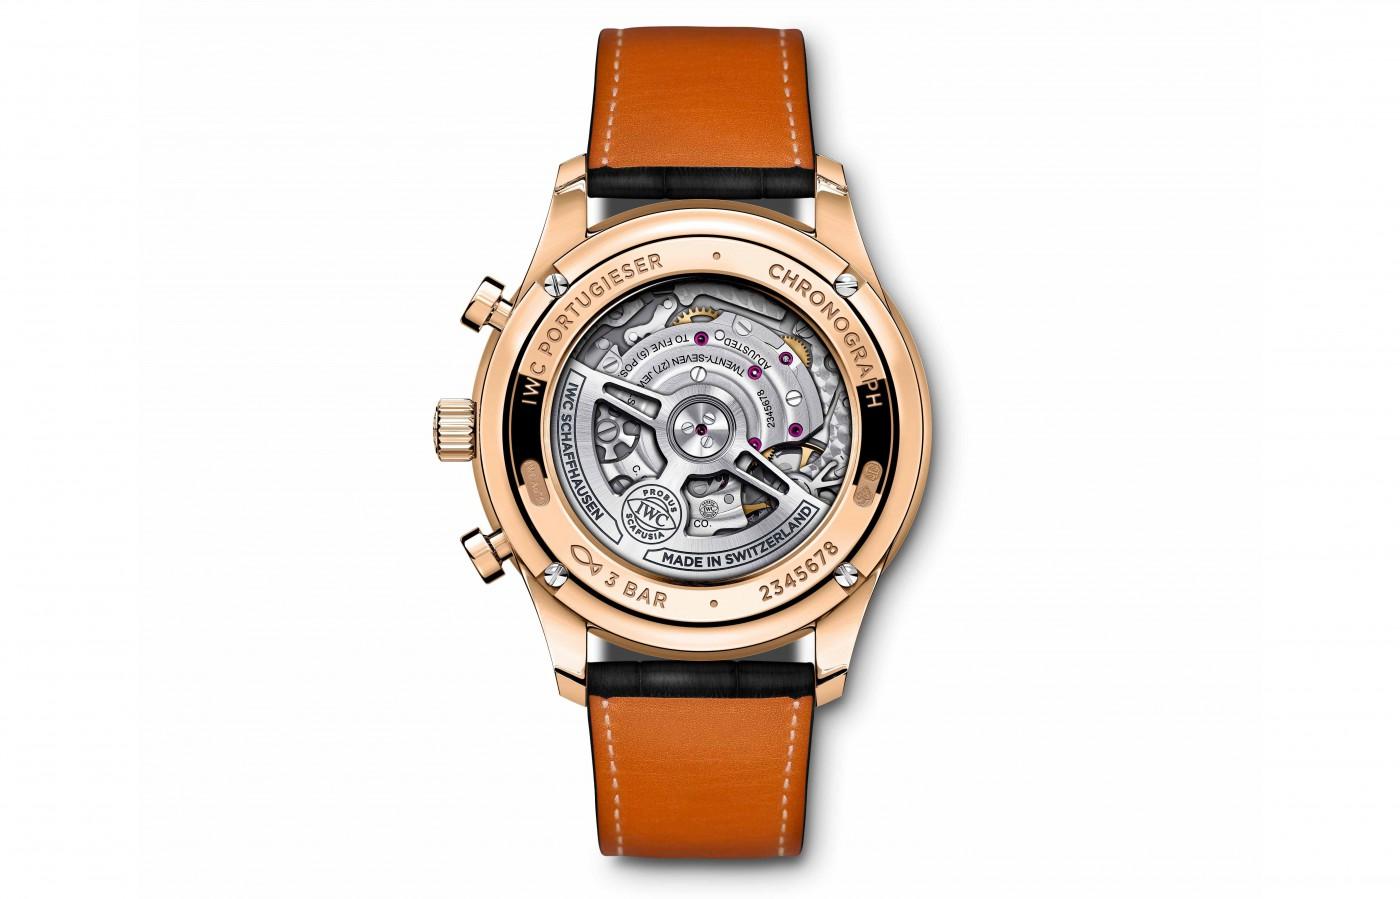 有关在哪买高仿手表,看看大家怎么讨论